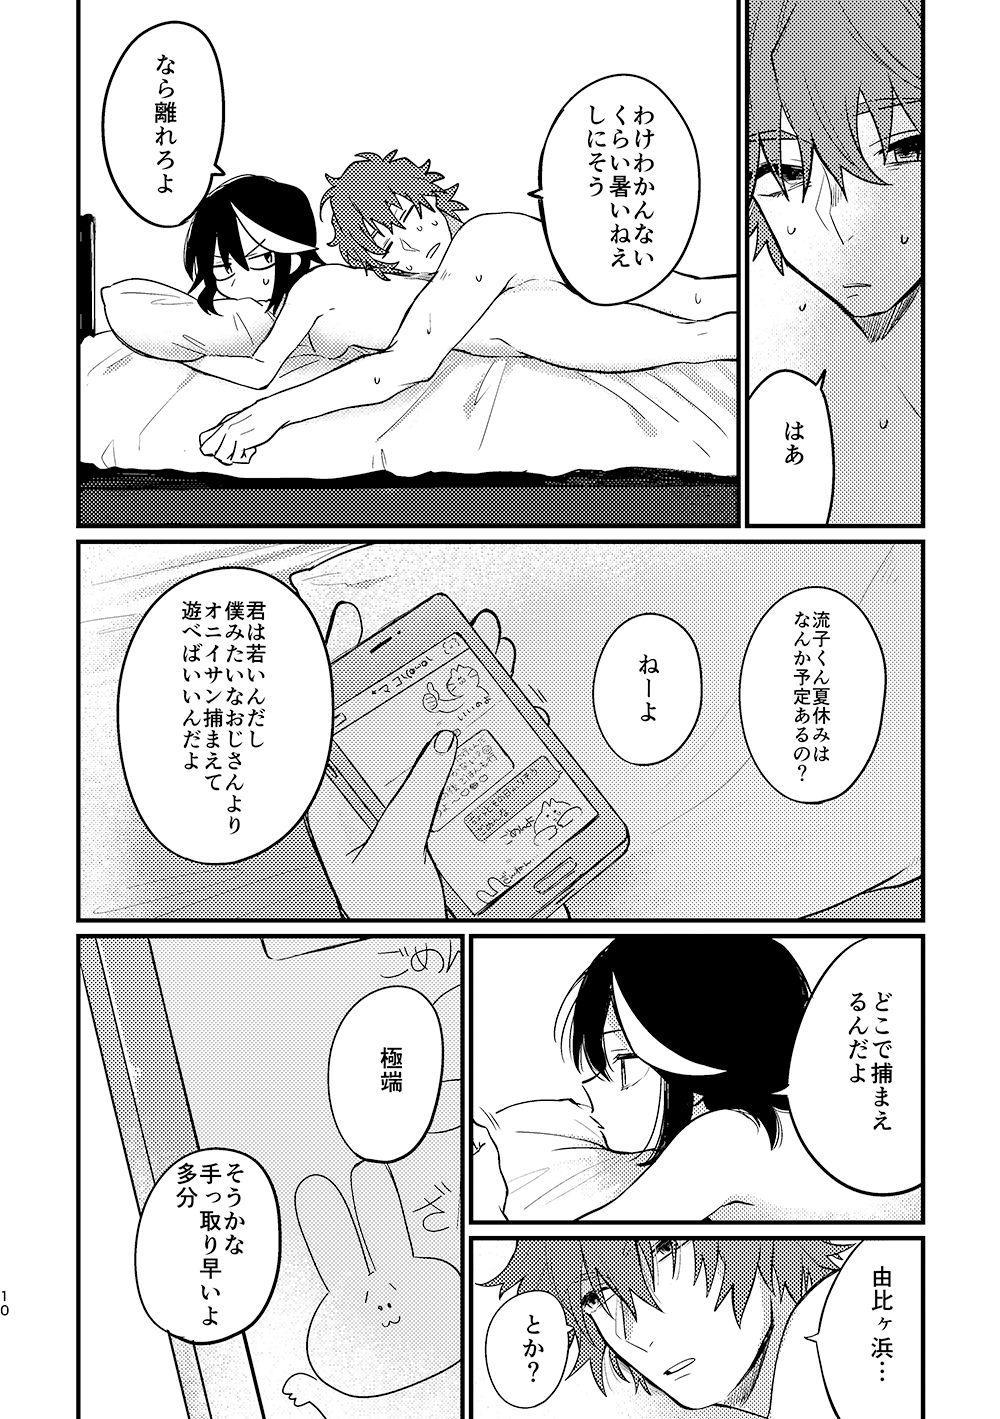 [Nomigoro. (320)] 7-gatsu 20-ka (Kill la Kill) [Digital] 8